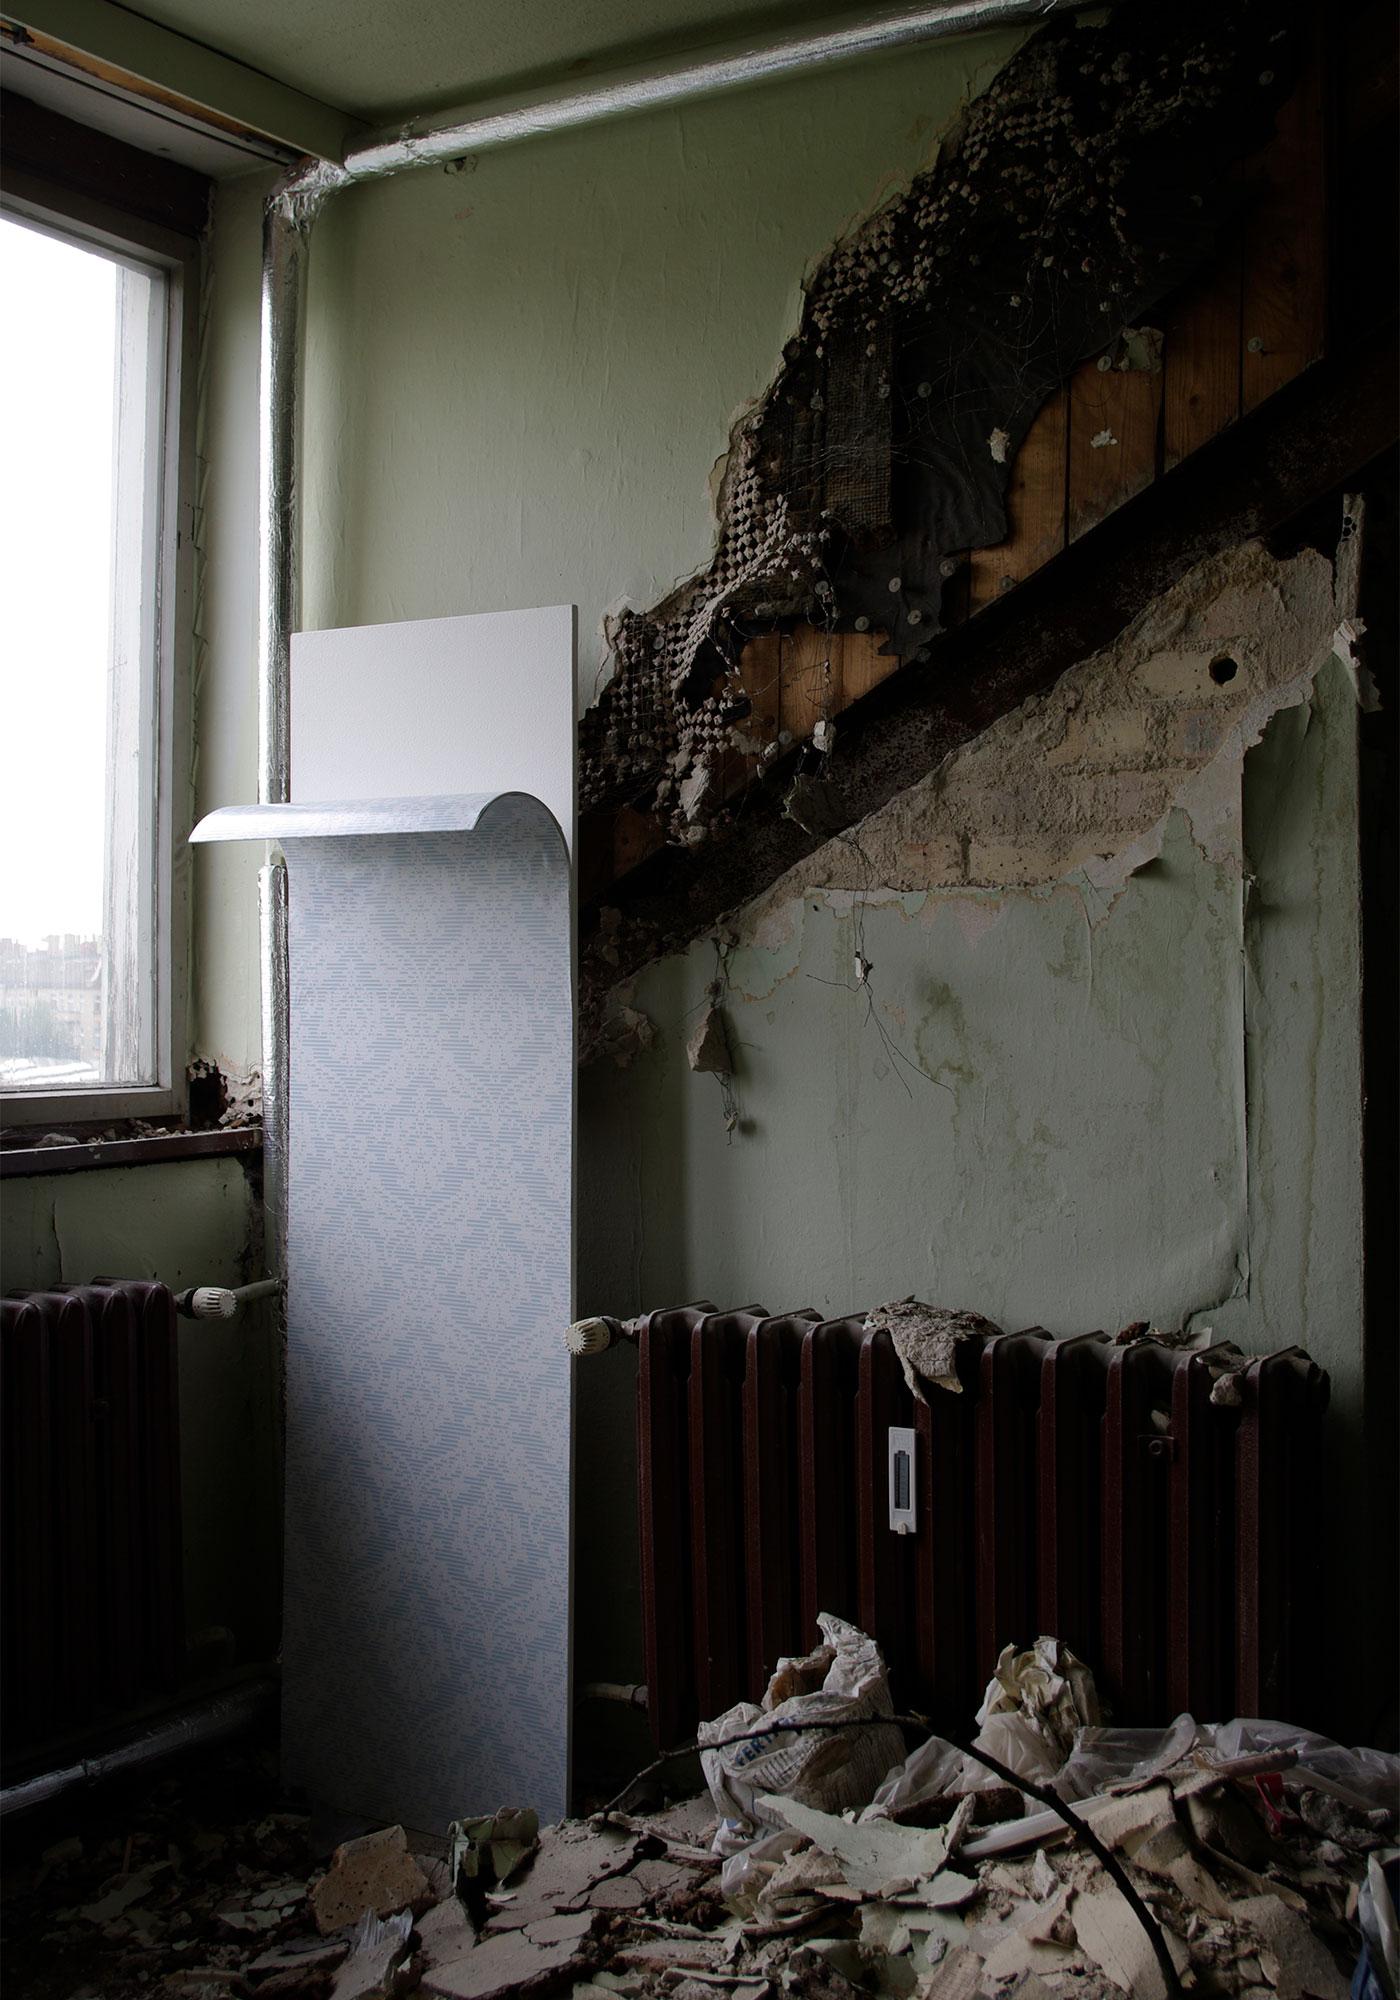 Einige Bahnen der Tapete fallen von oben herab, während andere sich von unten her aufrollen.